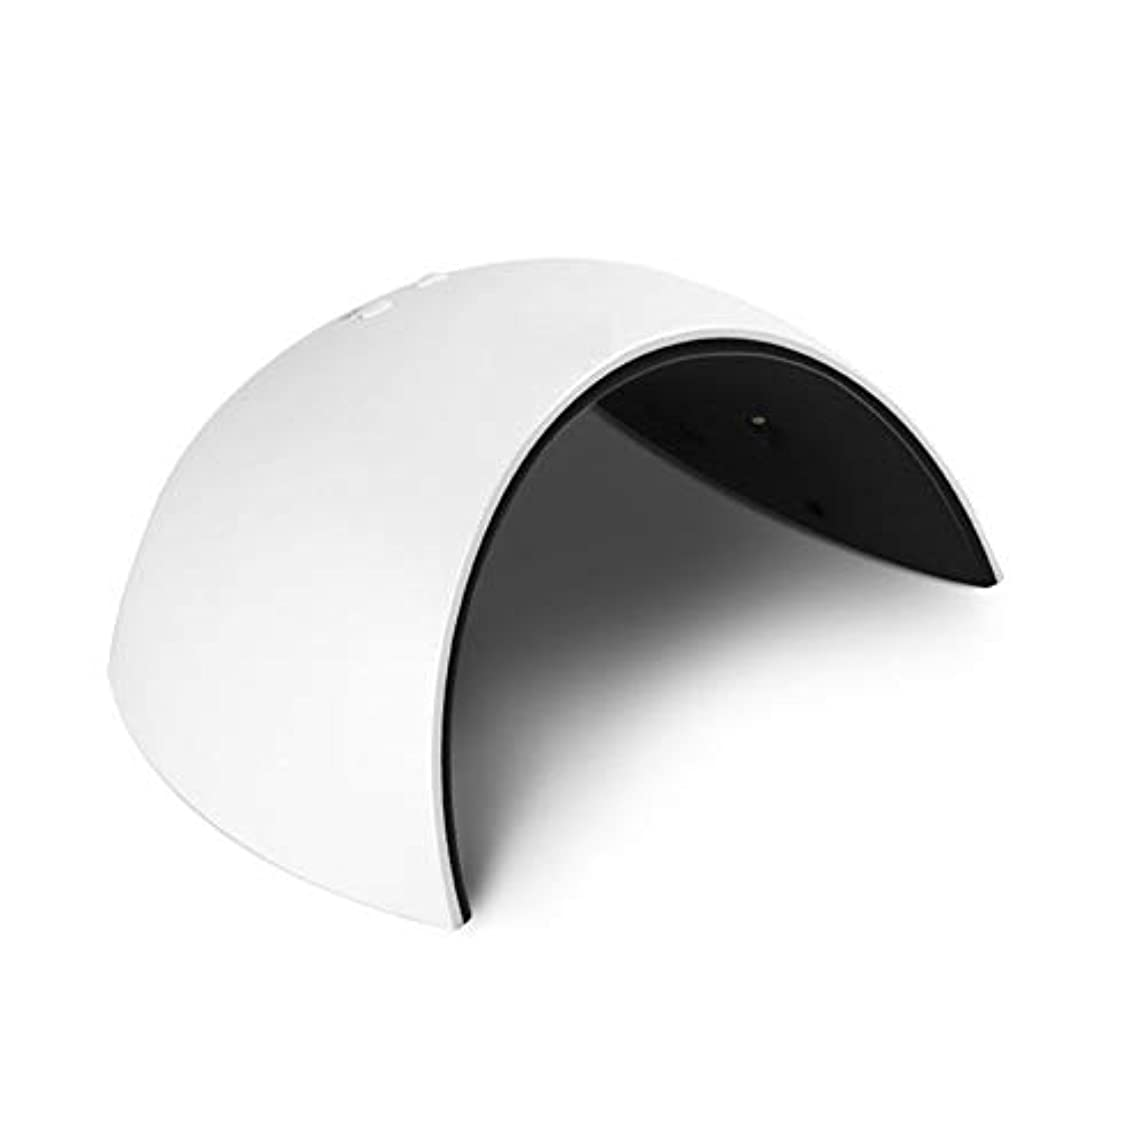 マガジン好意デコードするLittleCat マニキュアマシンベーキングガムライトセラピーランプネイルドライヤー日ランプはLEDネイルUVランプ (色 : White)